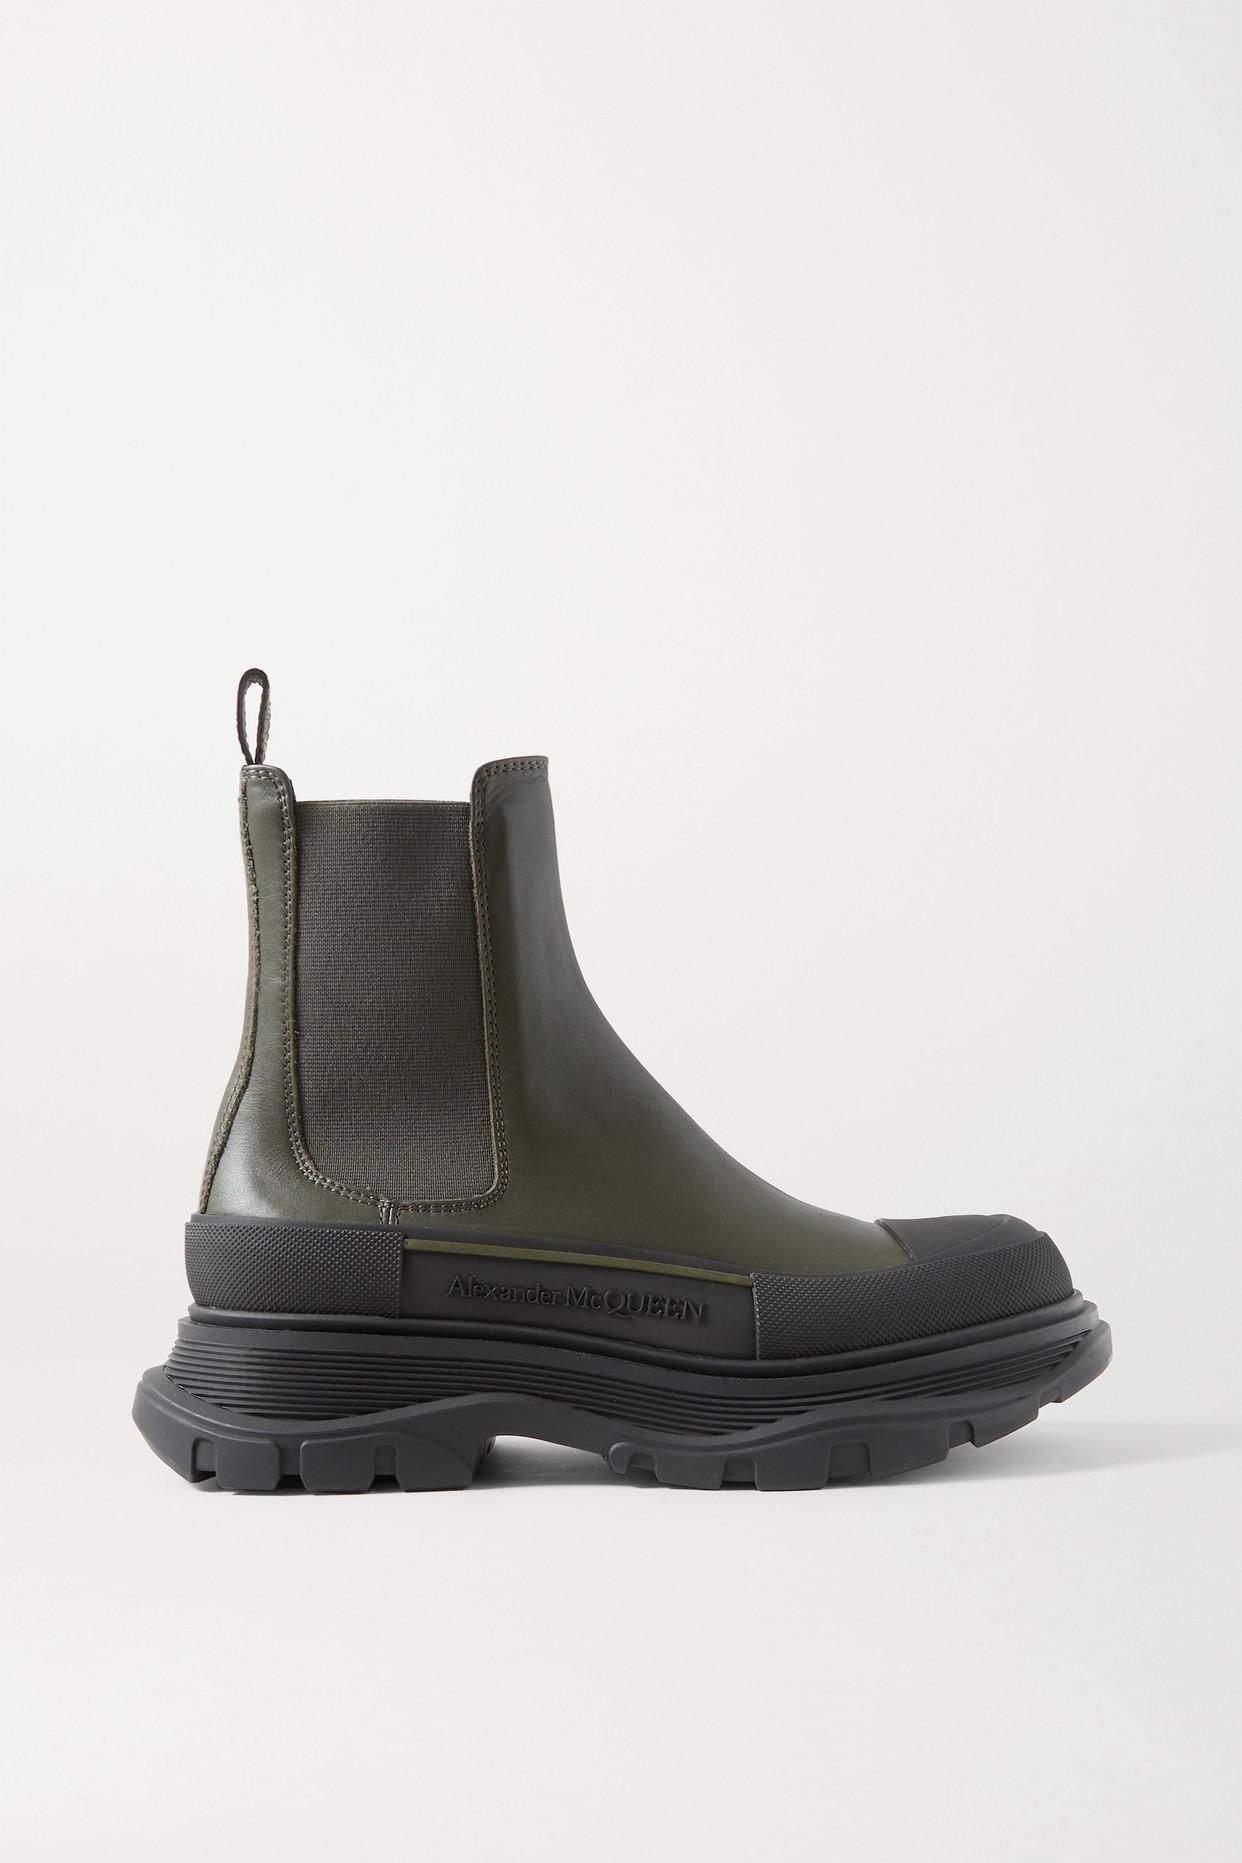 ALEXANDER MCQUEEN - 皮革厚底切尔西靴 - 绿色 - IT41